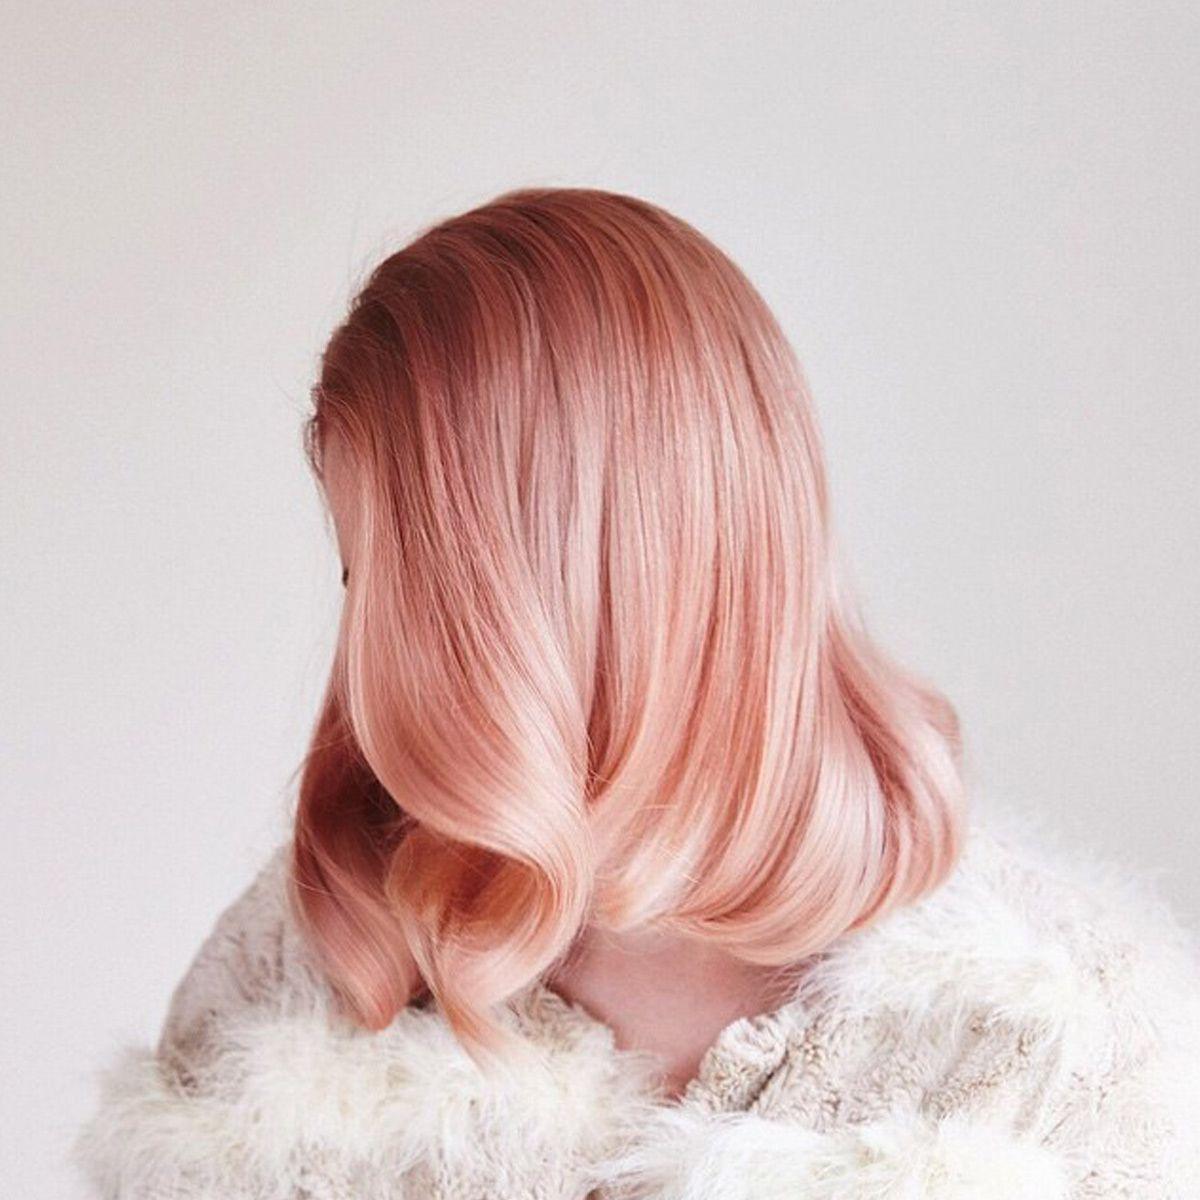 EDEL IN GOLD-ROSÉ | Haarfarben, Frisuren